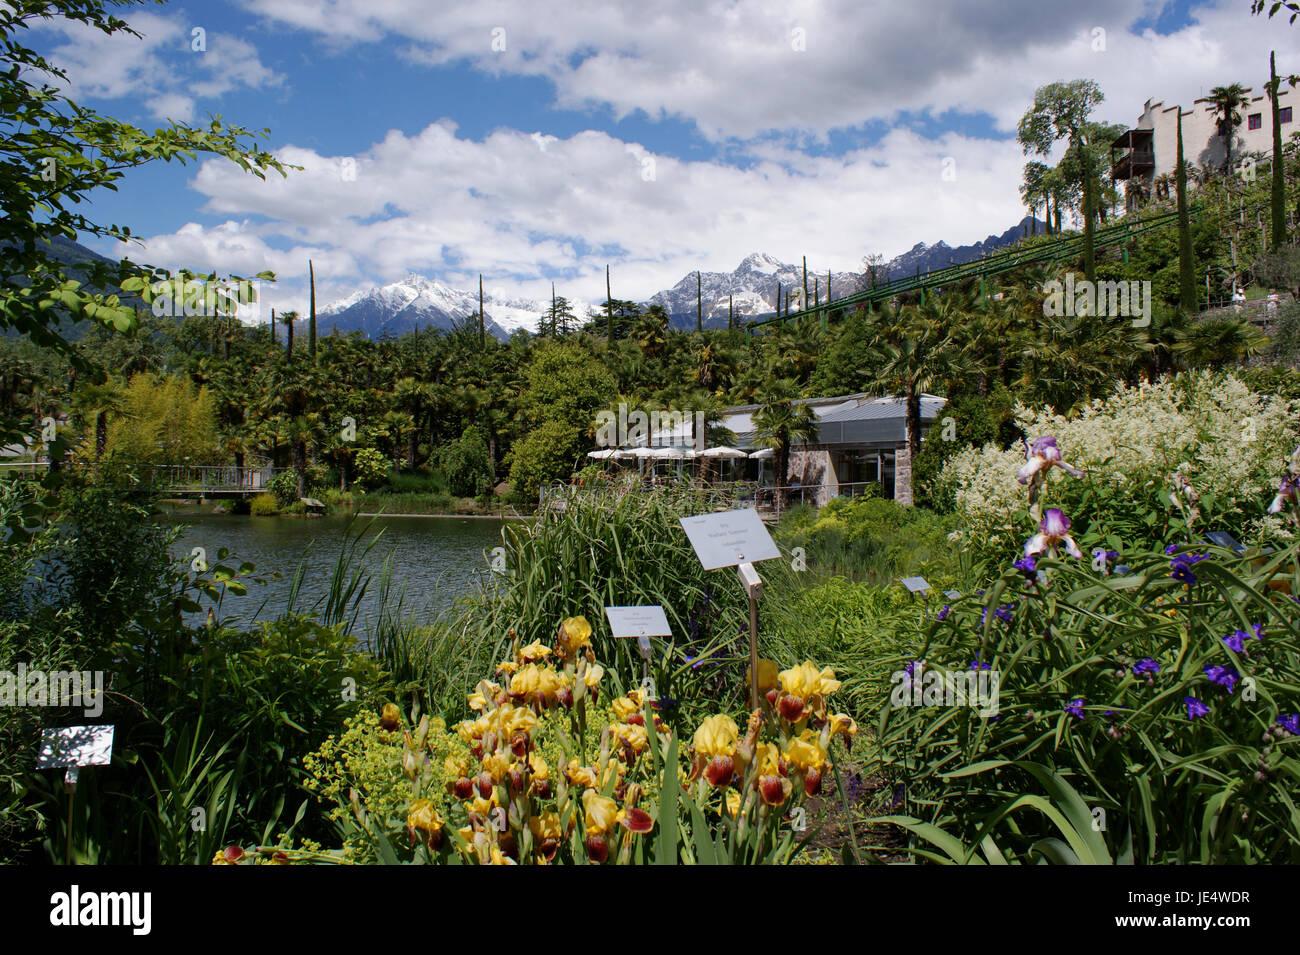 Blick auf die Botanischen Gärten von Meran und im Hintergrund die schneebedeckten Berge der Texelgruppe; im - Stock Image